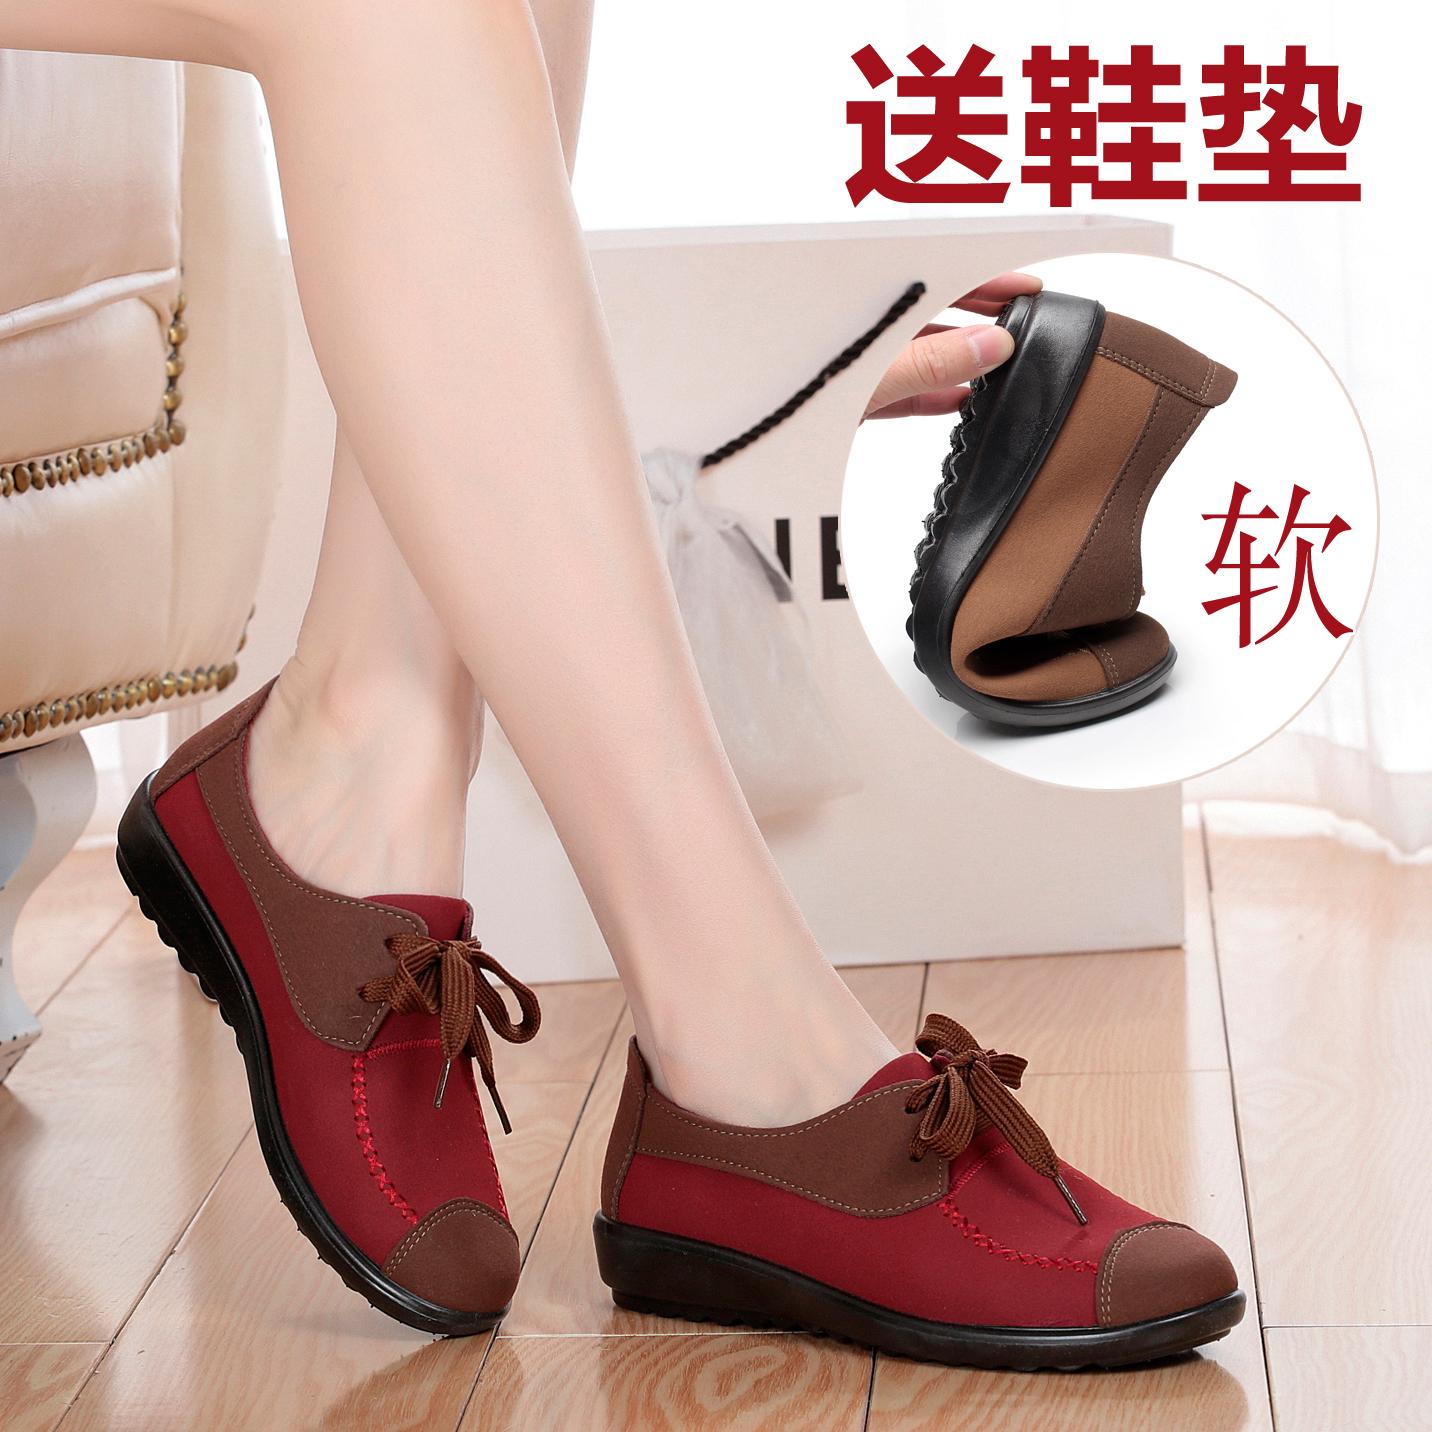 17秋季中老年女鞋老北京布鞋女鞋单鞋防滑软底妈妈鞋奶奶鞋老人鞋